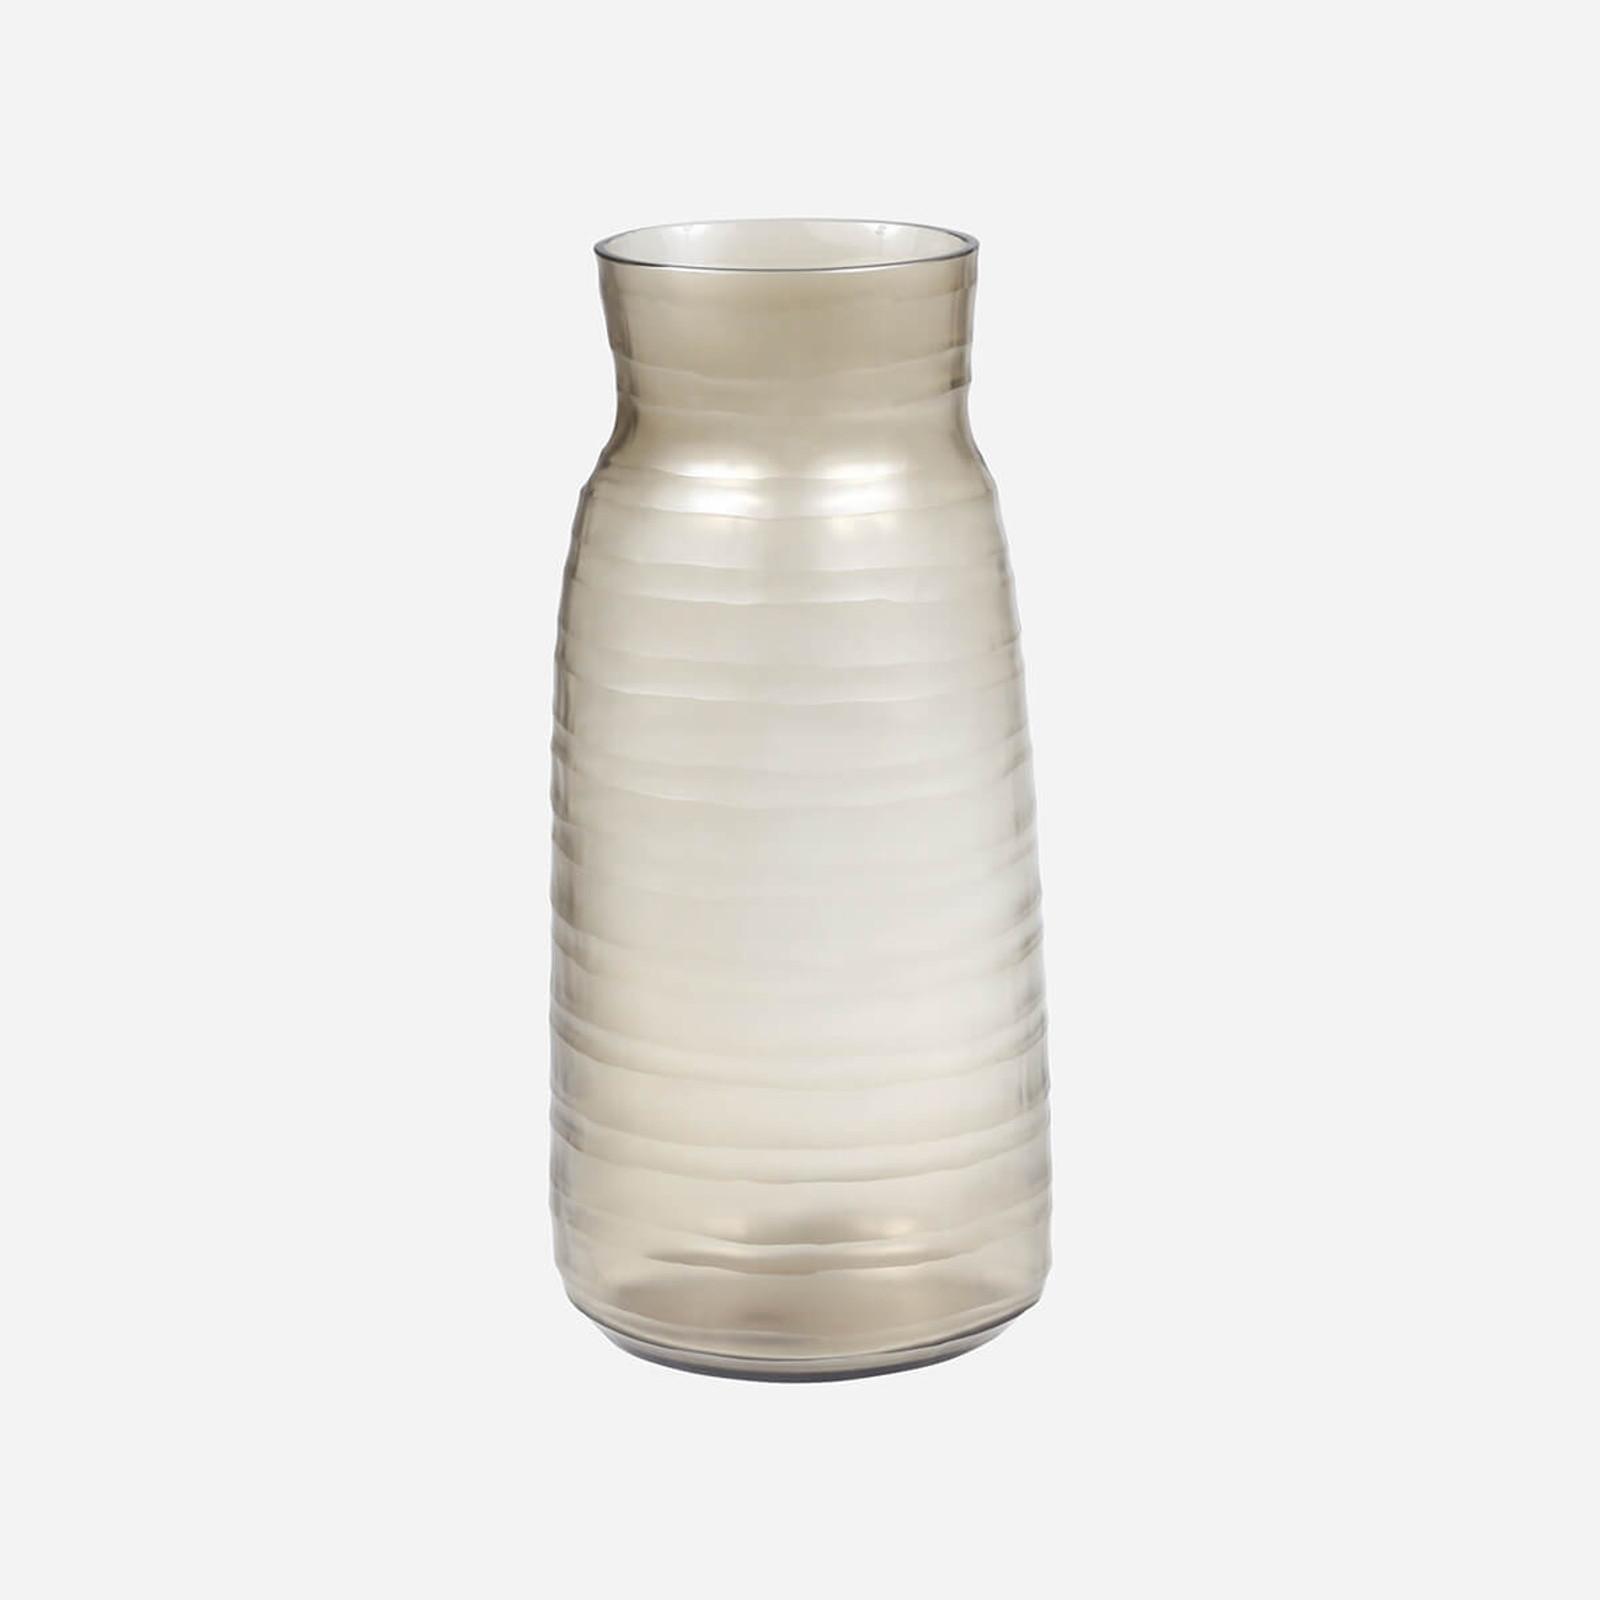 Escaut Tall Vase, Smoke